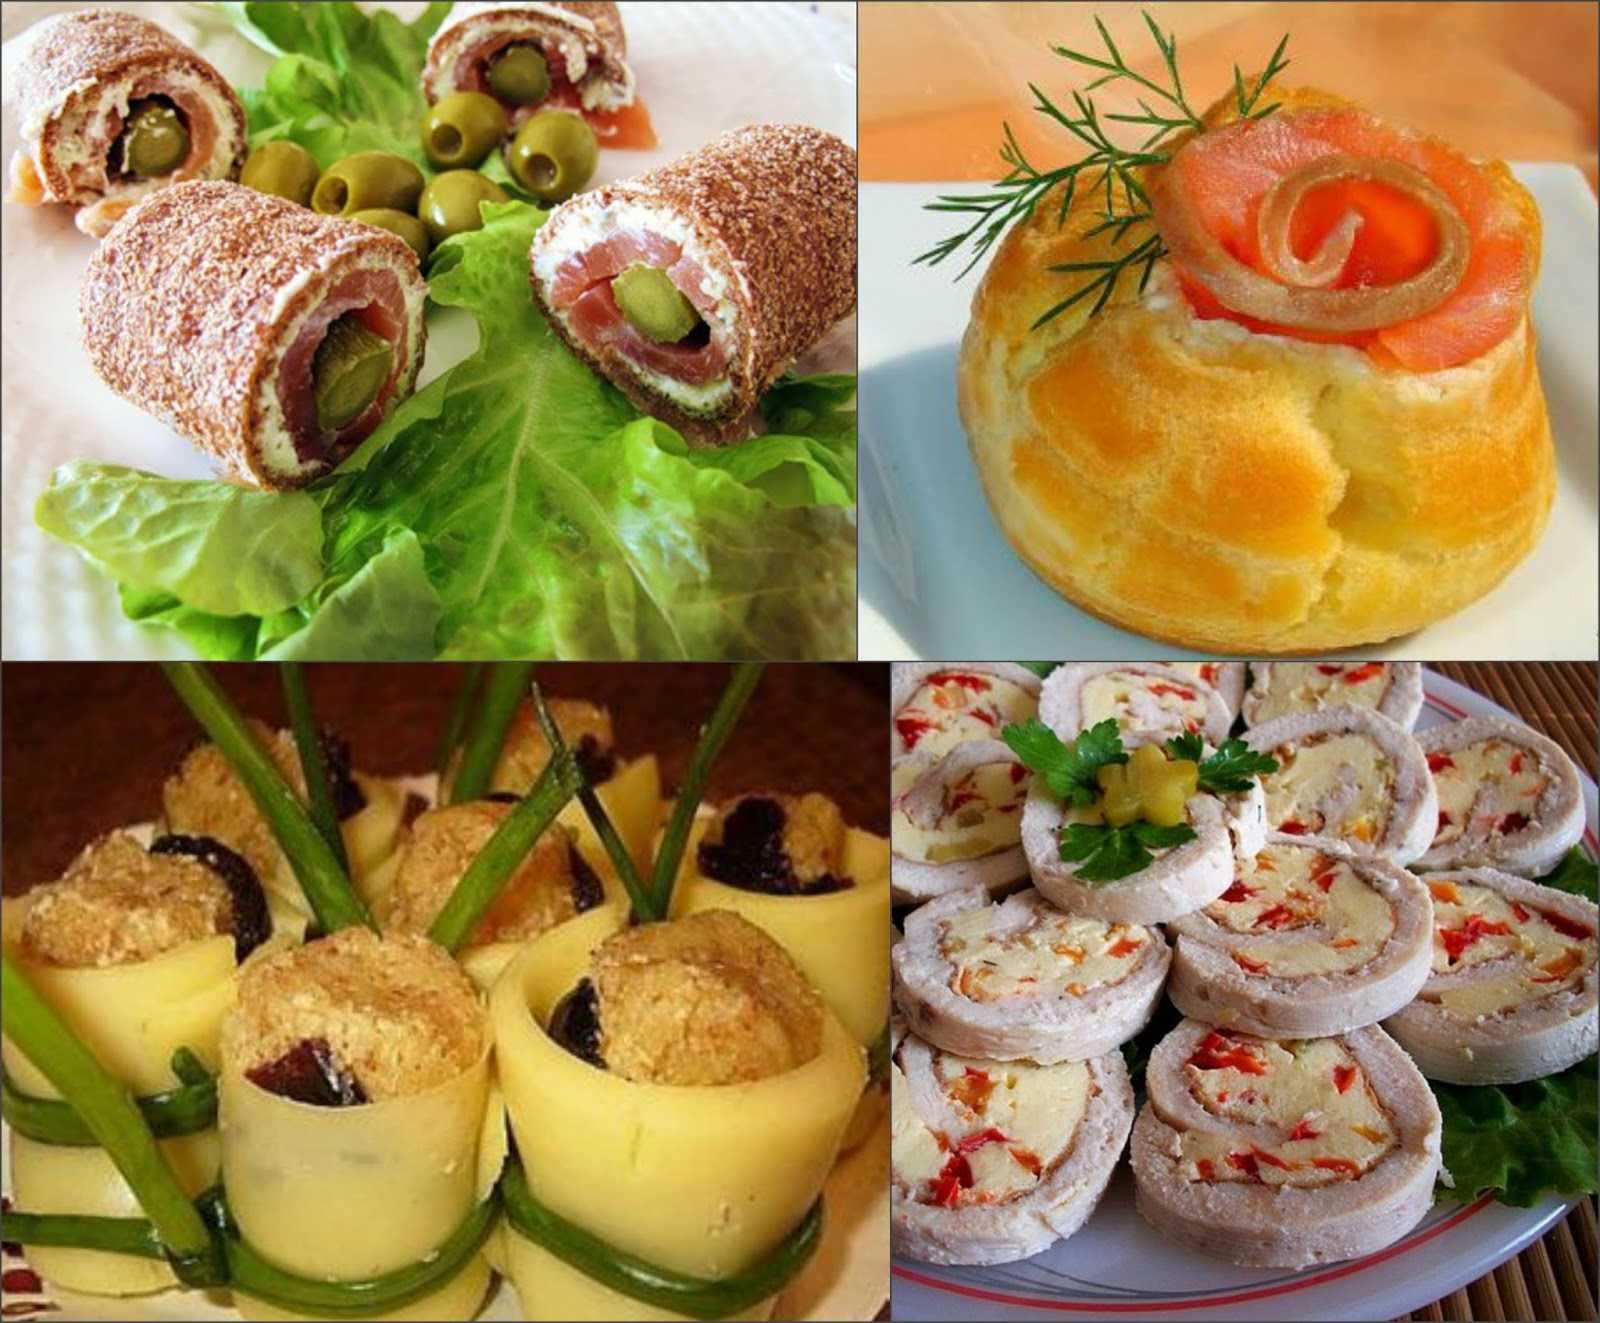 Легкий салат с курицей - секреты изысканных блюд, доступных каждому: рецепты с фото и видео